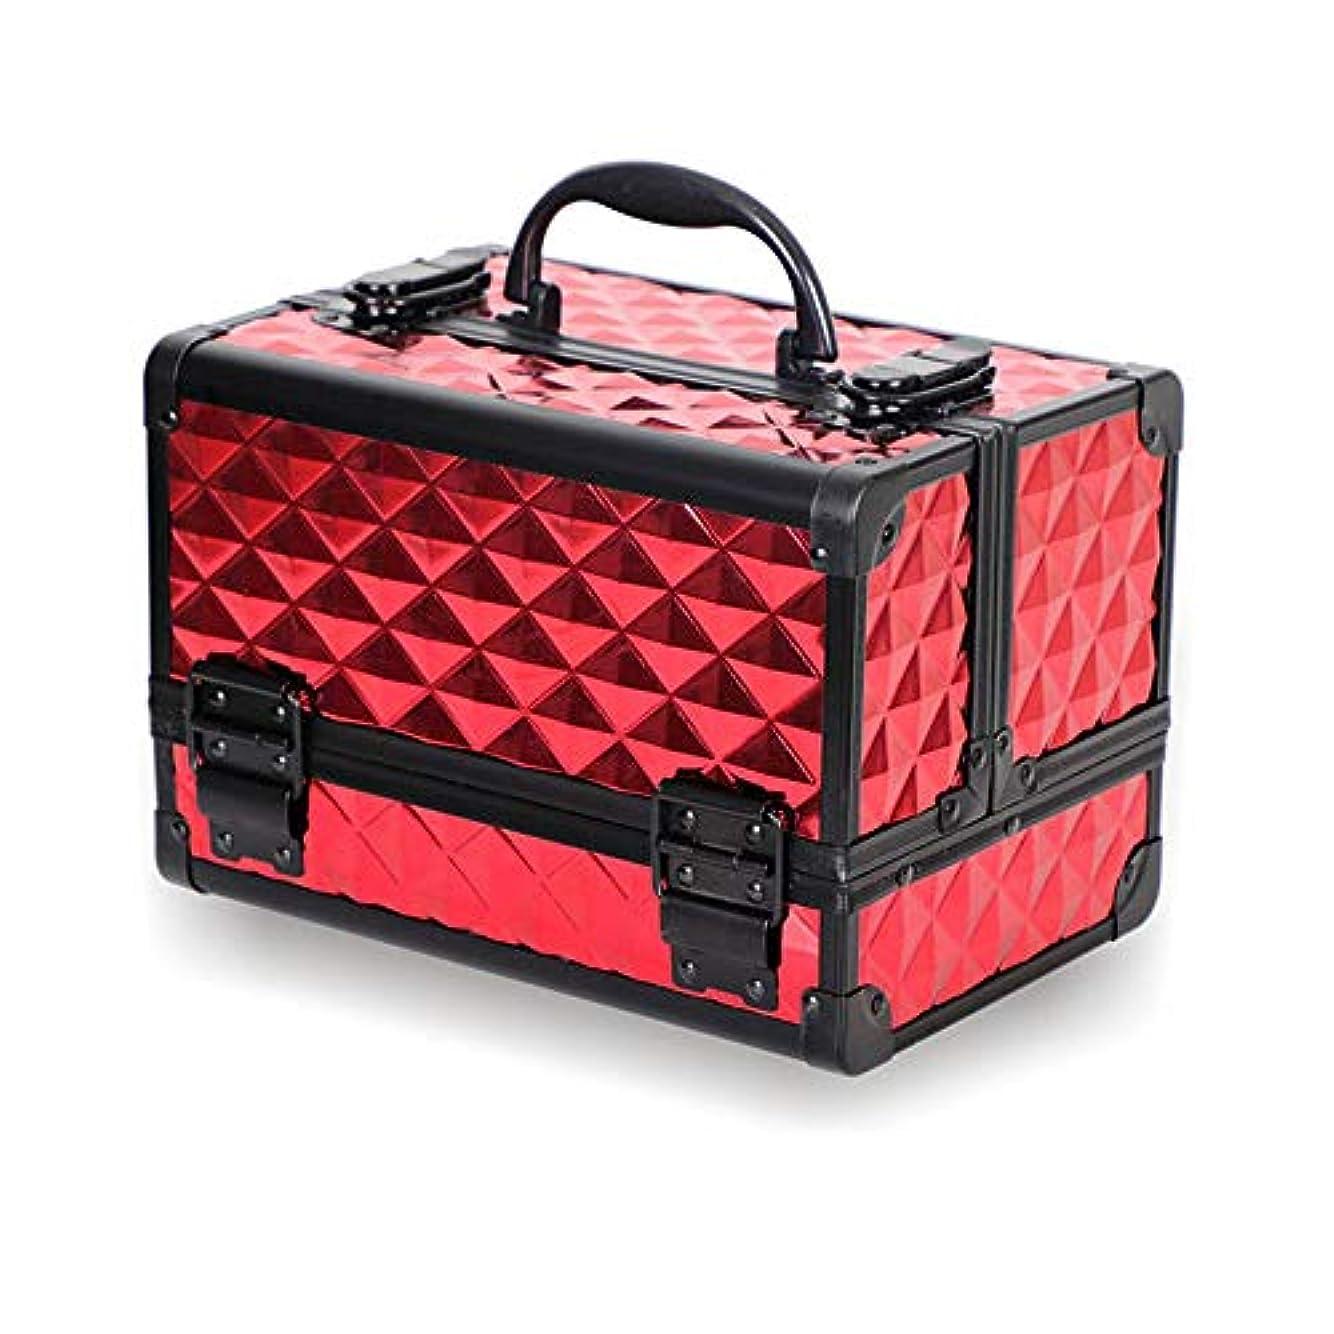 注文剥離十分特大スペース収納ビューティーボックス 美の構造のためそしてジッパーおよび折る皿が付いている女の子の女性旅行そして毎日の貯蔵のための高容量の携帯用化粧品袋 化粧品化粧台 (色 : 赤)